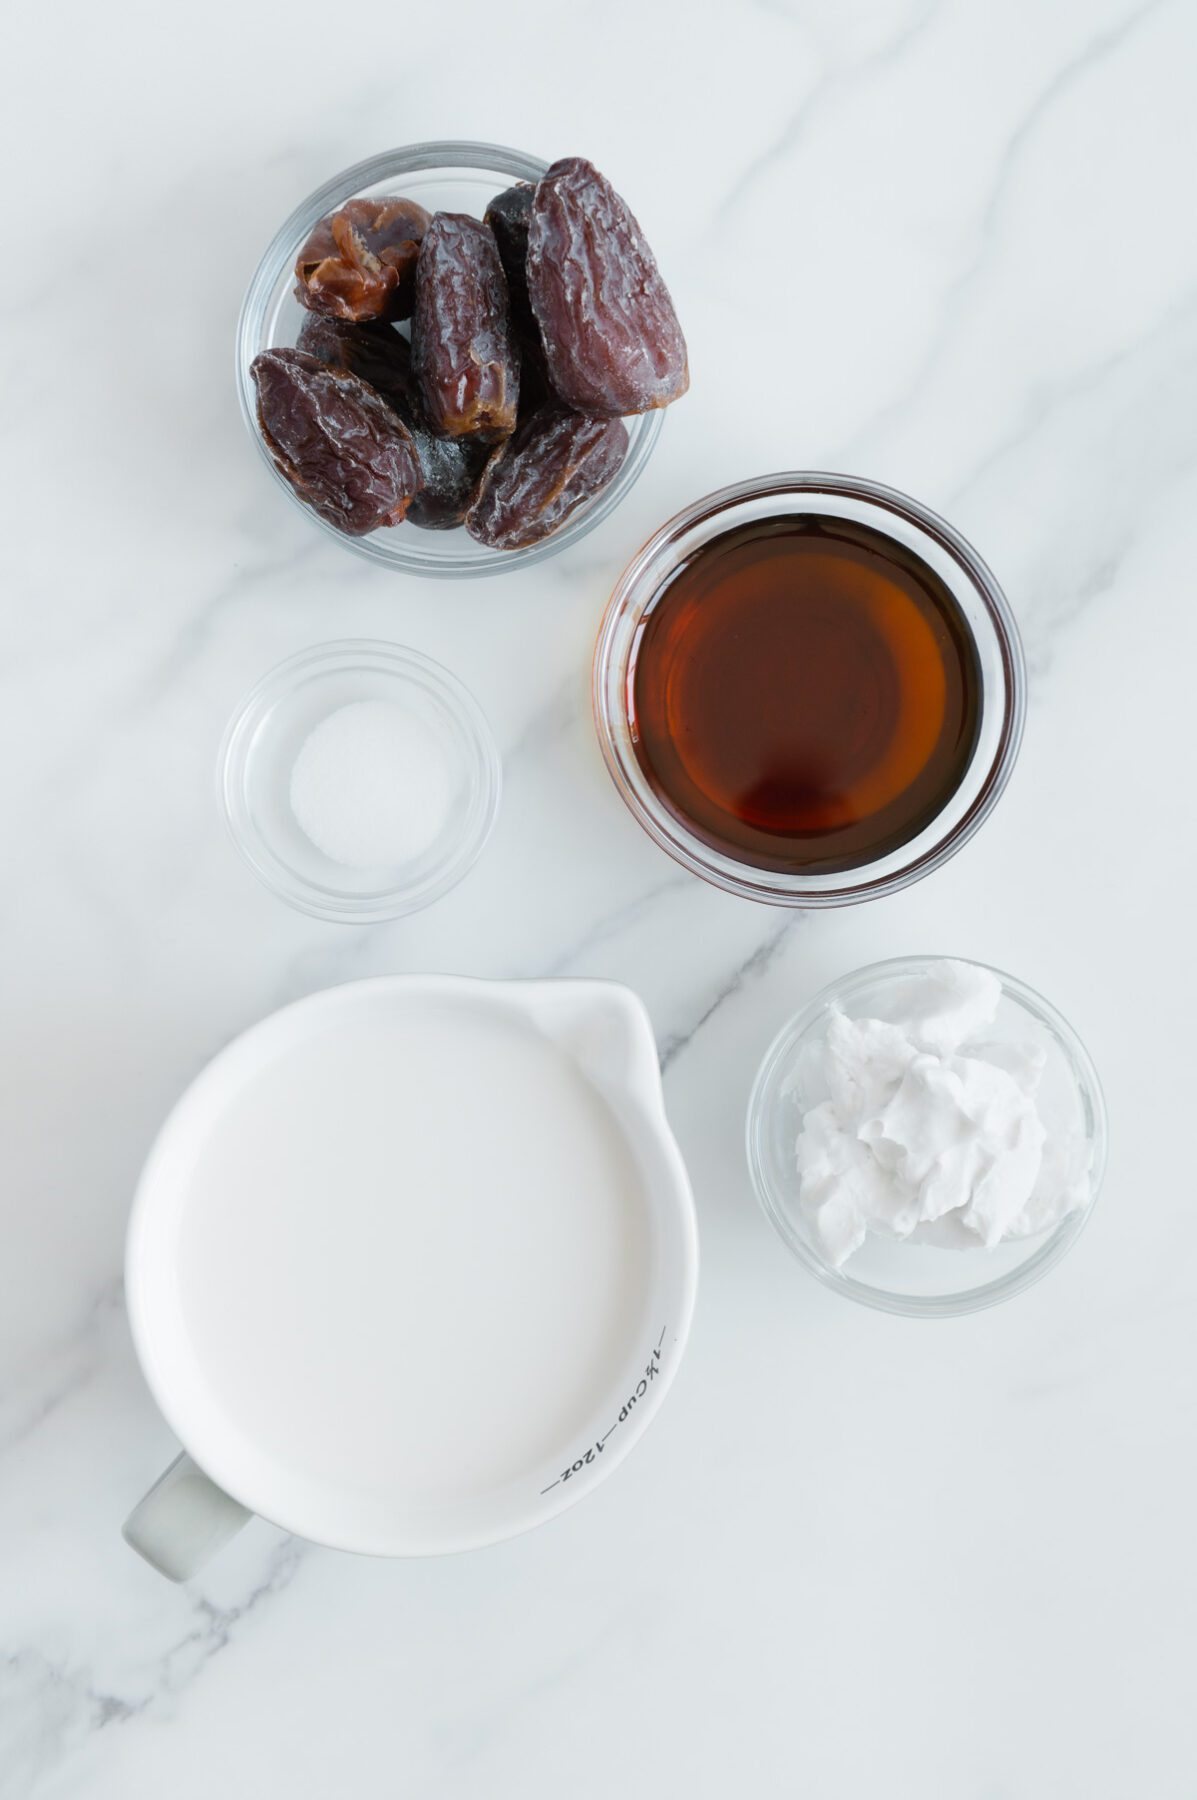 Vegan Caramel Ingredients